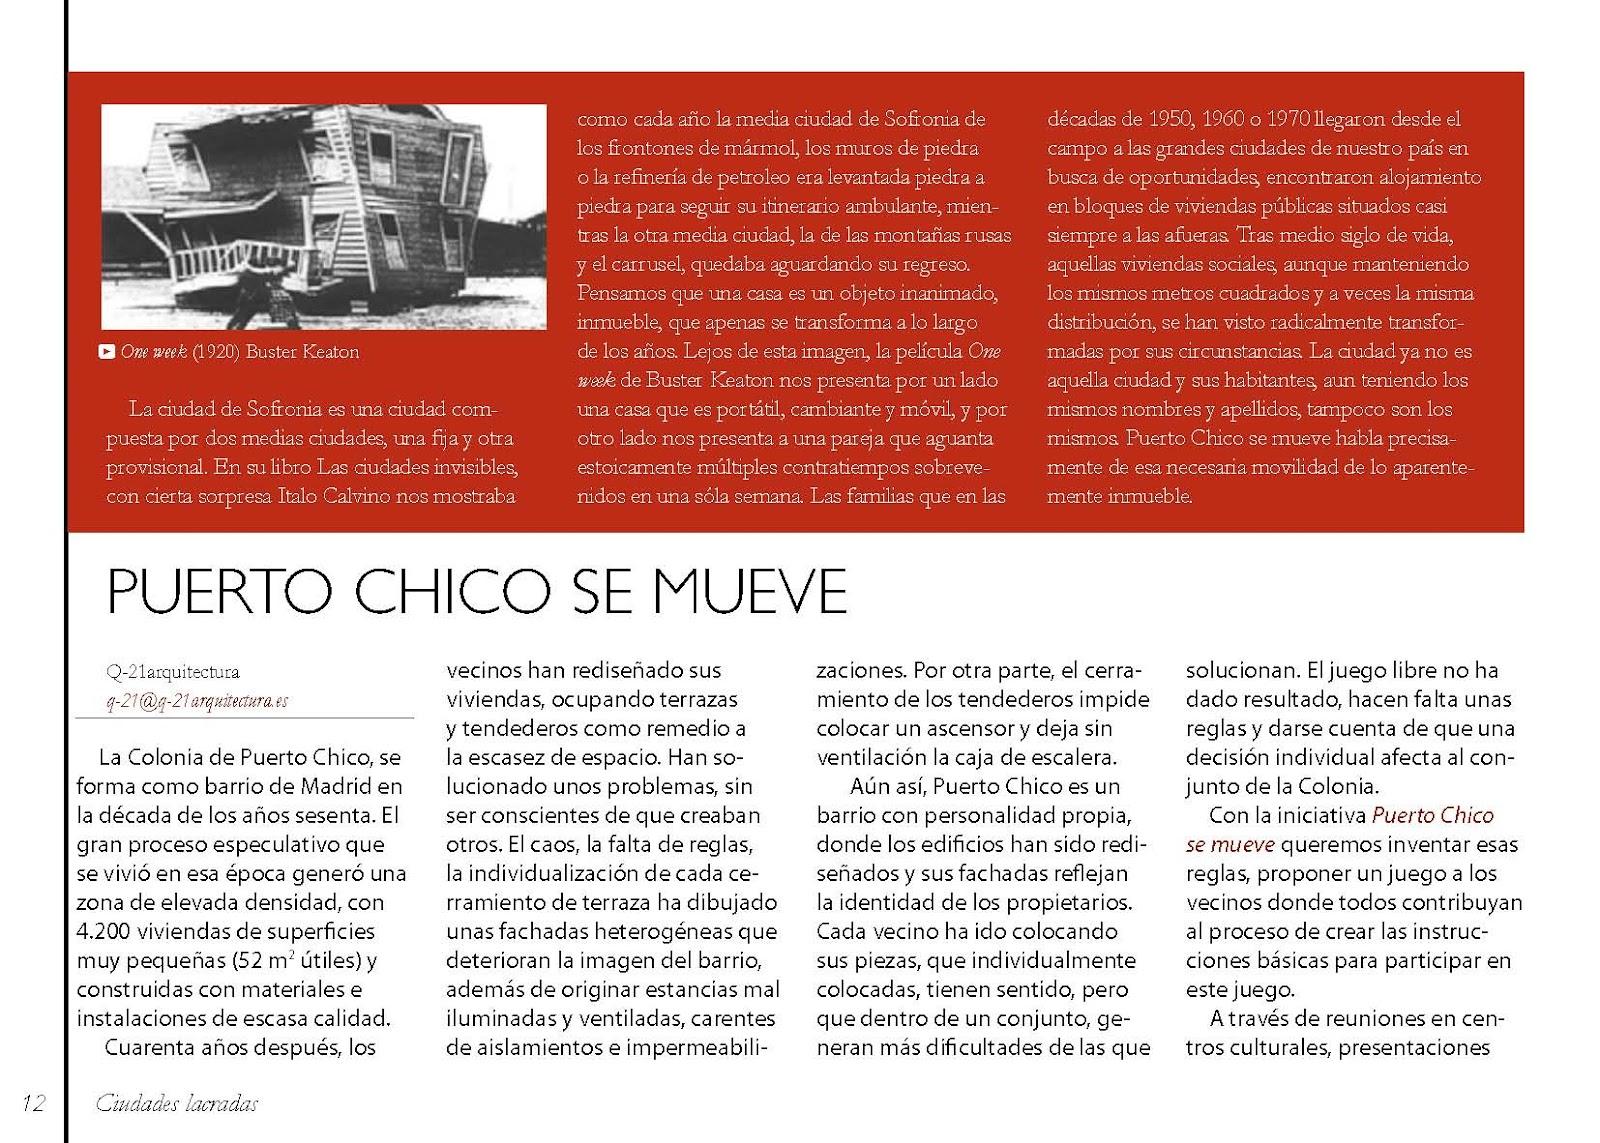 Puerto chico se mueve art culo en la revista m rgenes for Articulos sobre arquitectura